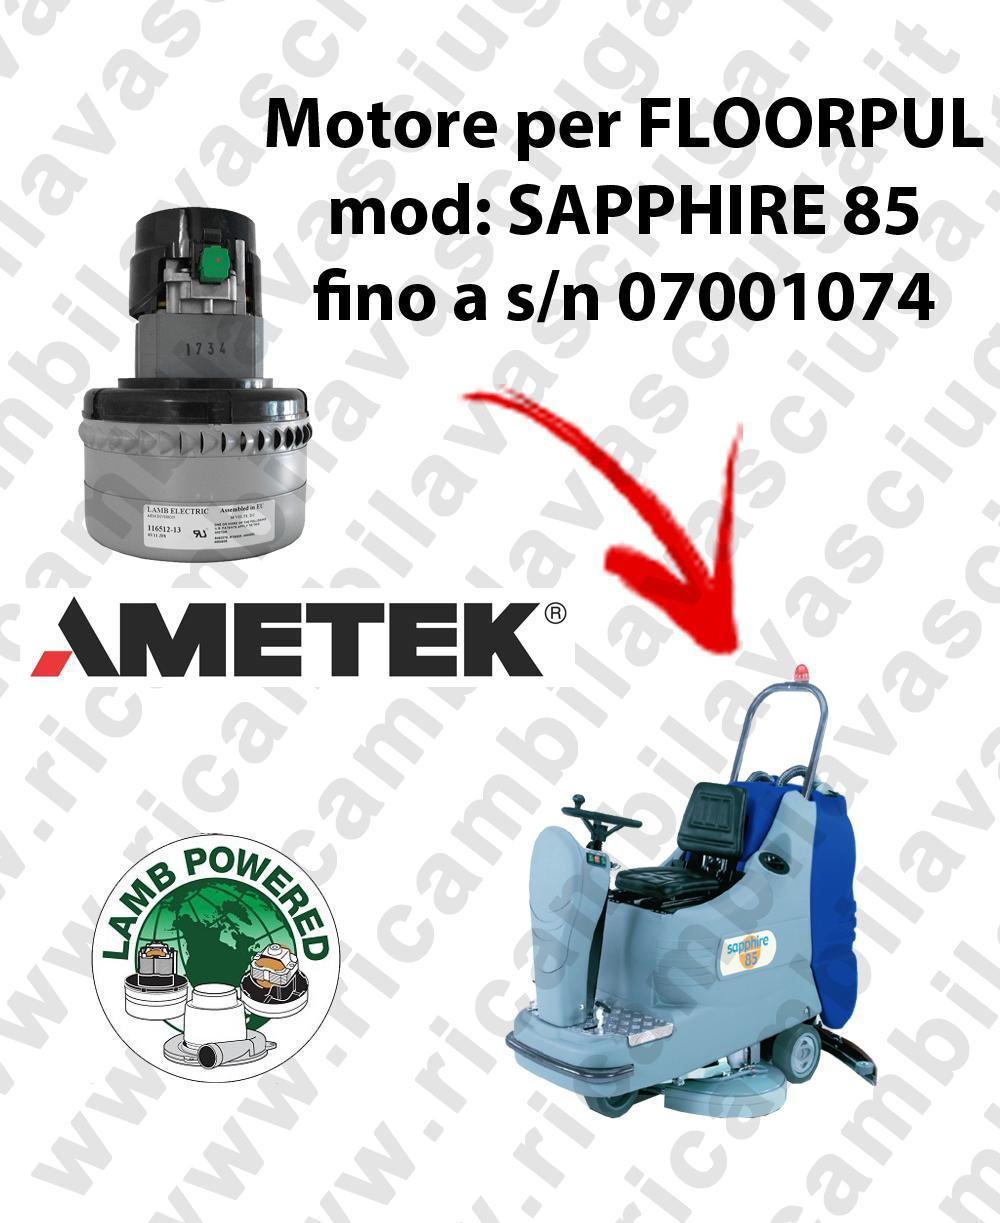 SAPPHIRE 85 bis zur Seriennummer 07001074 Saugmotor LAMB AMETEK für scheuersaugmaschinen FLOORPUL